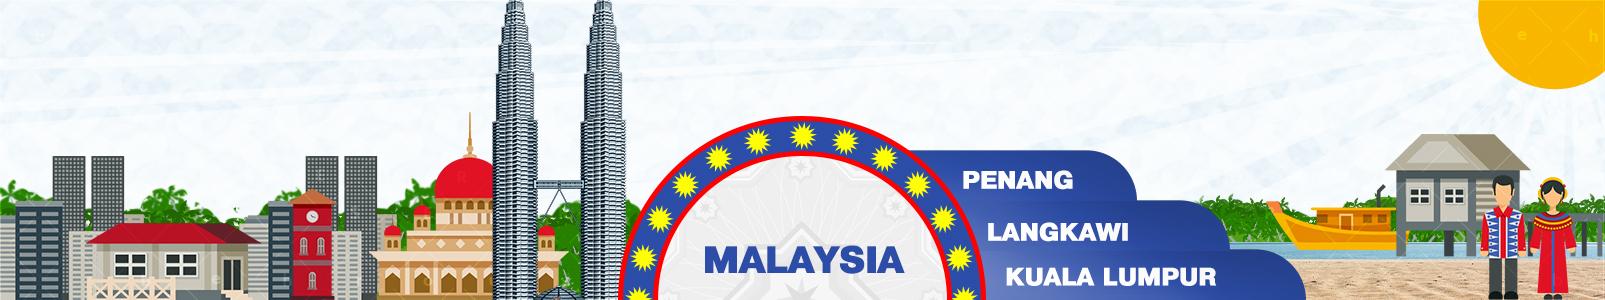 تور مالزی هدر بهروزسیر